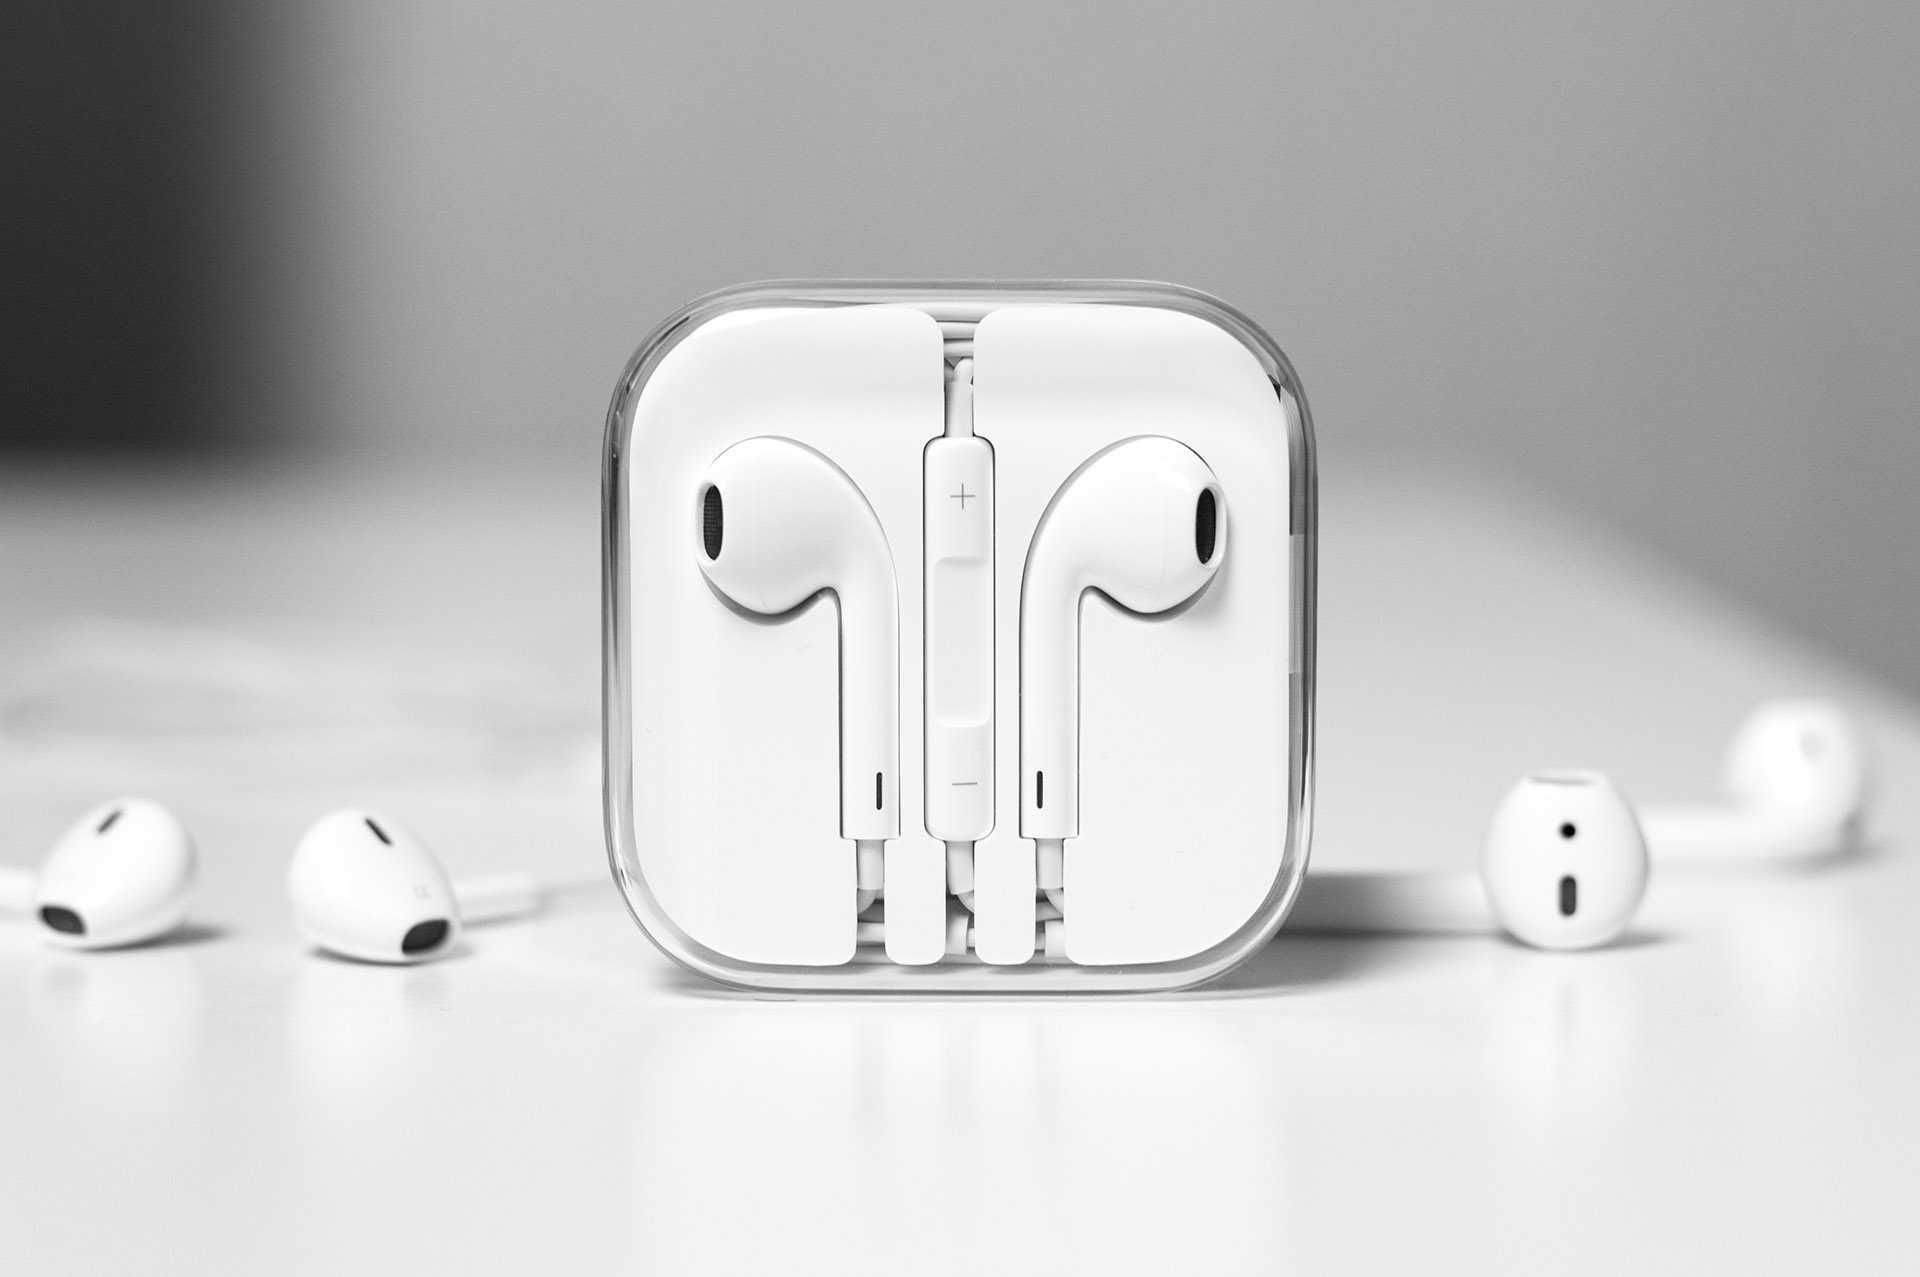 Совсем недавно на просторах всемирной паутины появились данные на предмет того что компания Apple в скором будущем собирается анонсировать AirPods 3 хотя это спорный